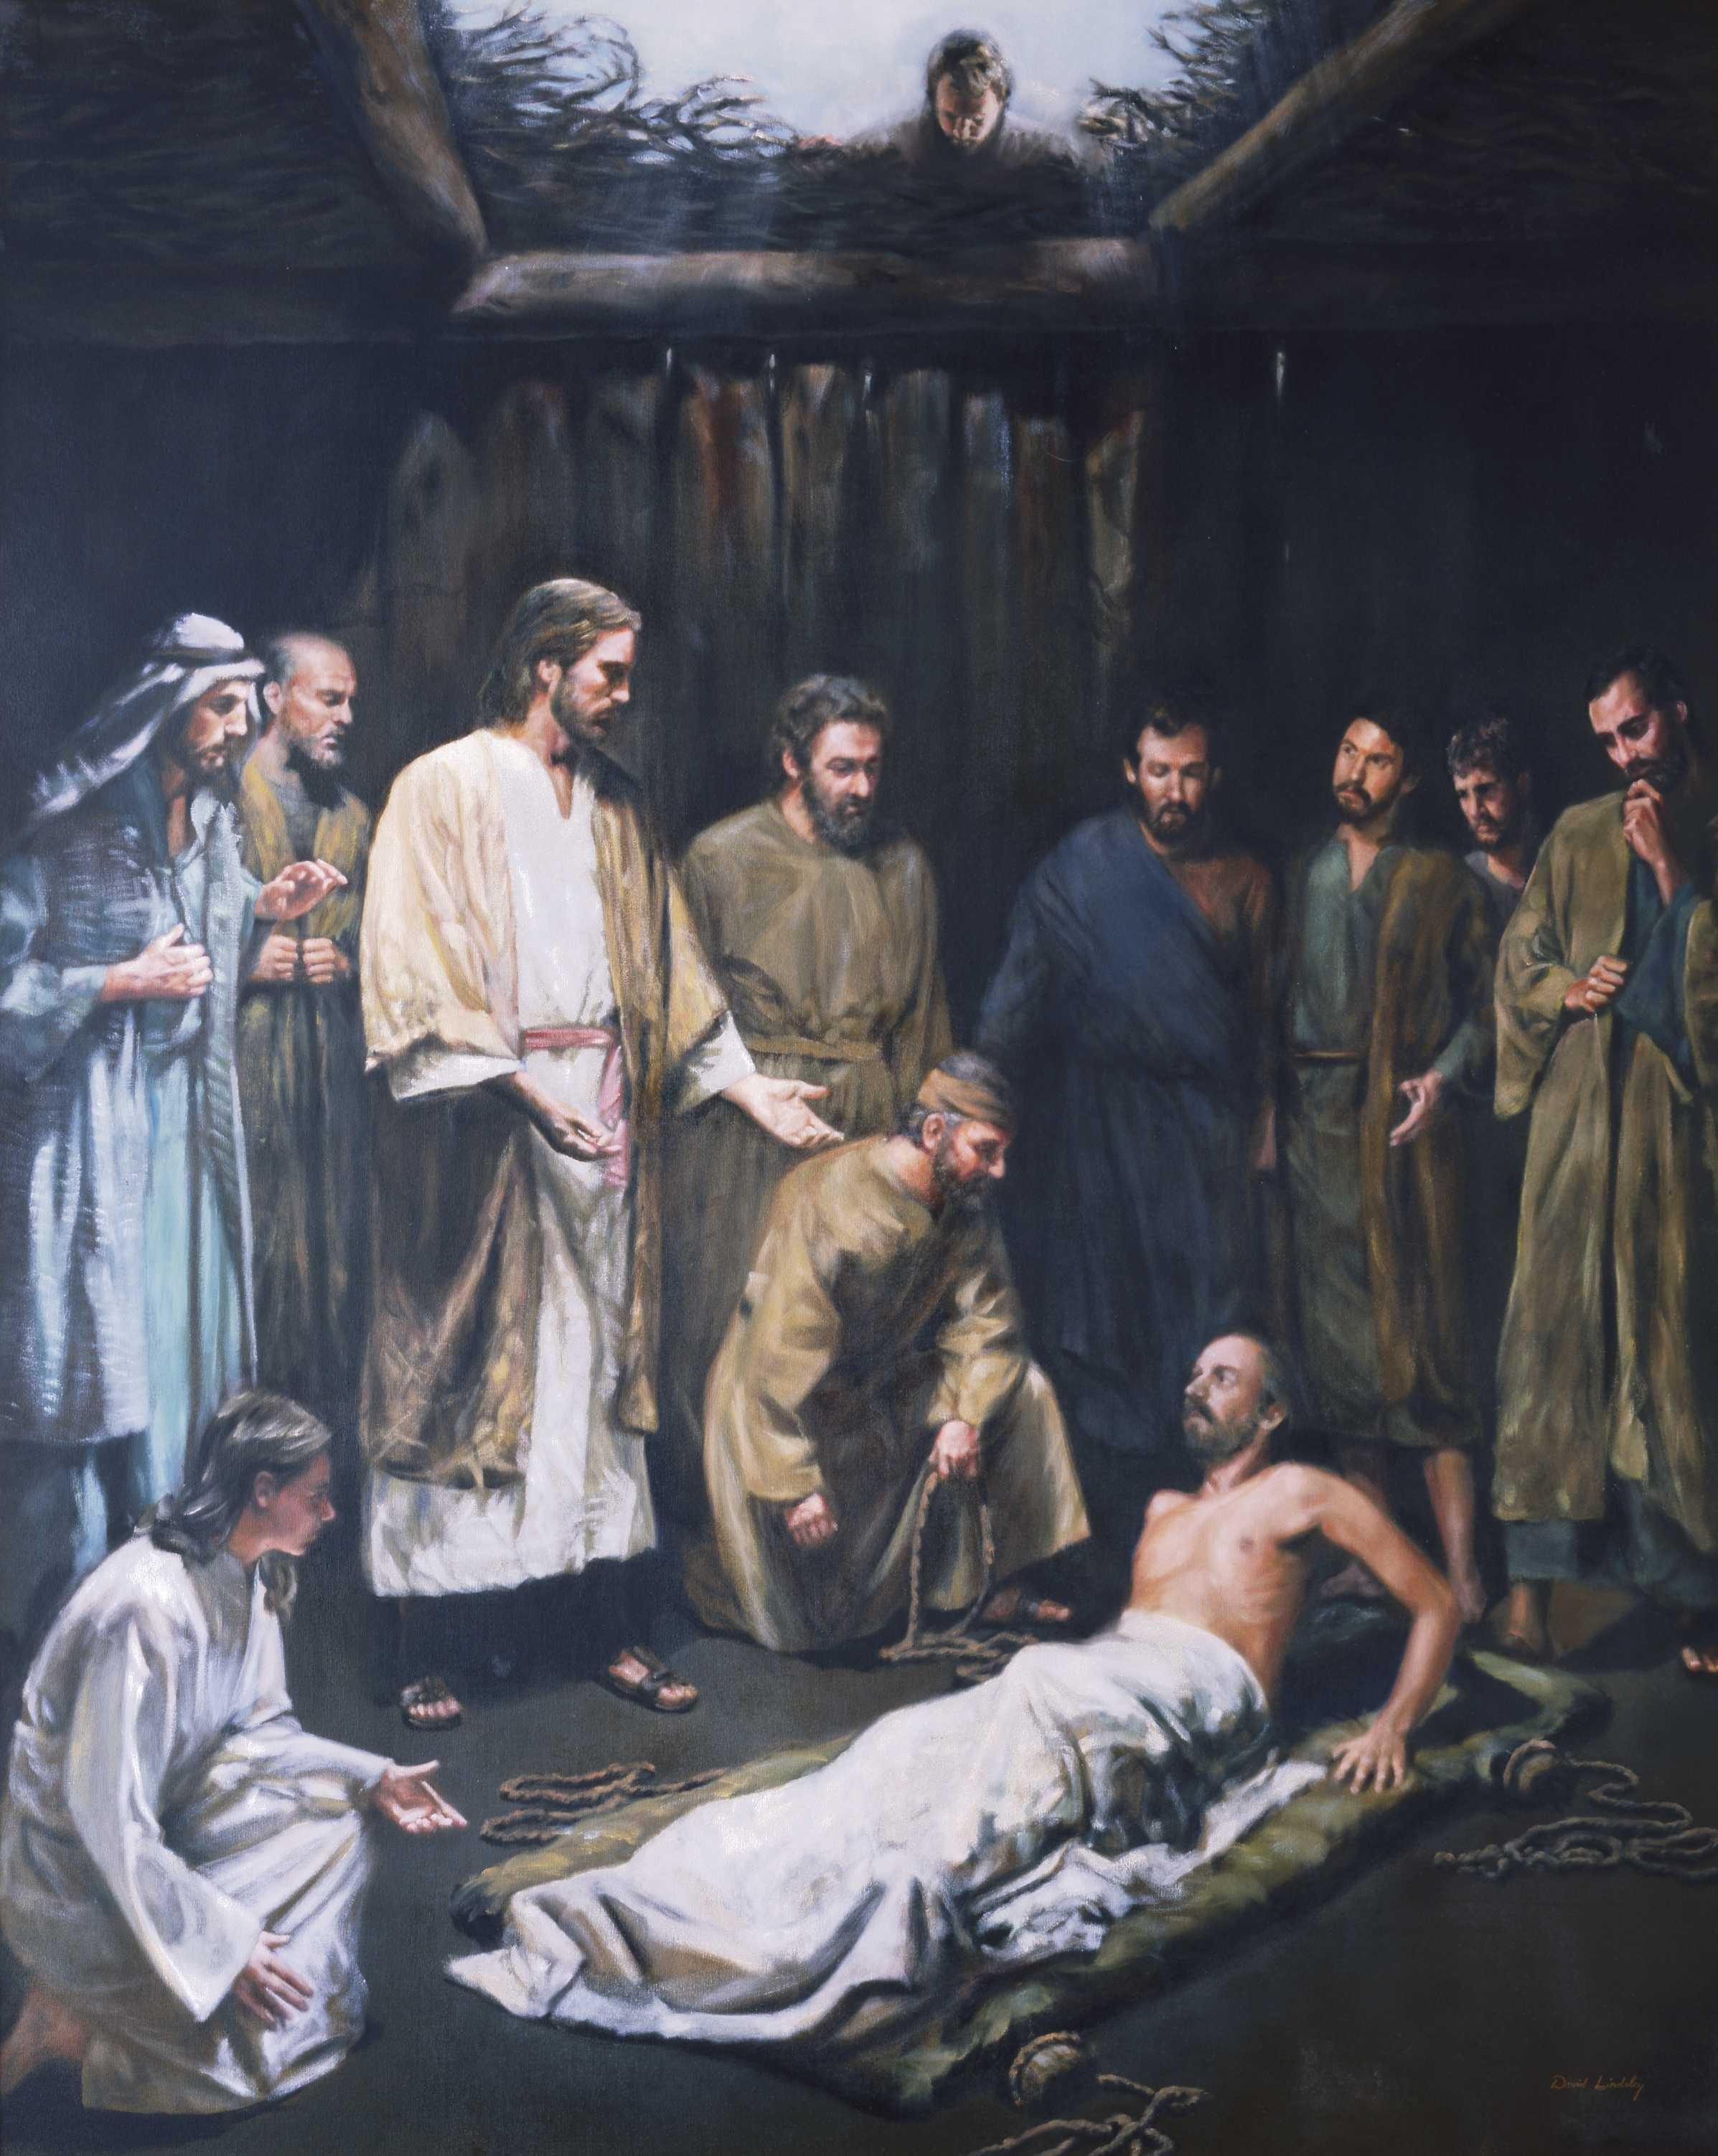 Christ healing a palsied man